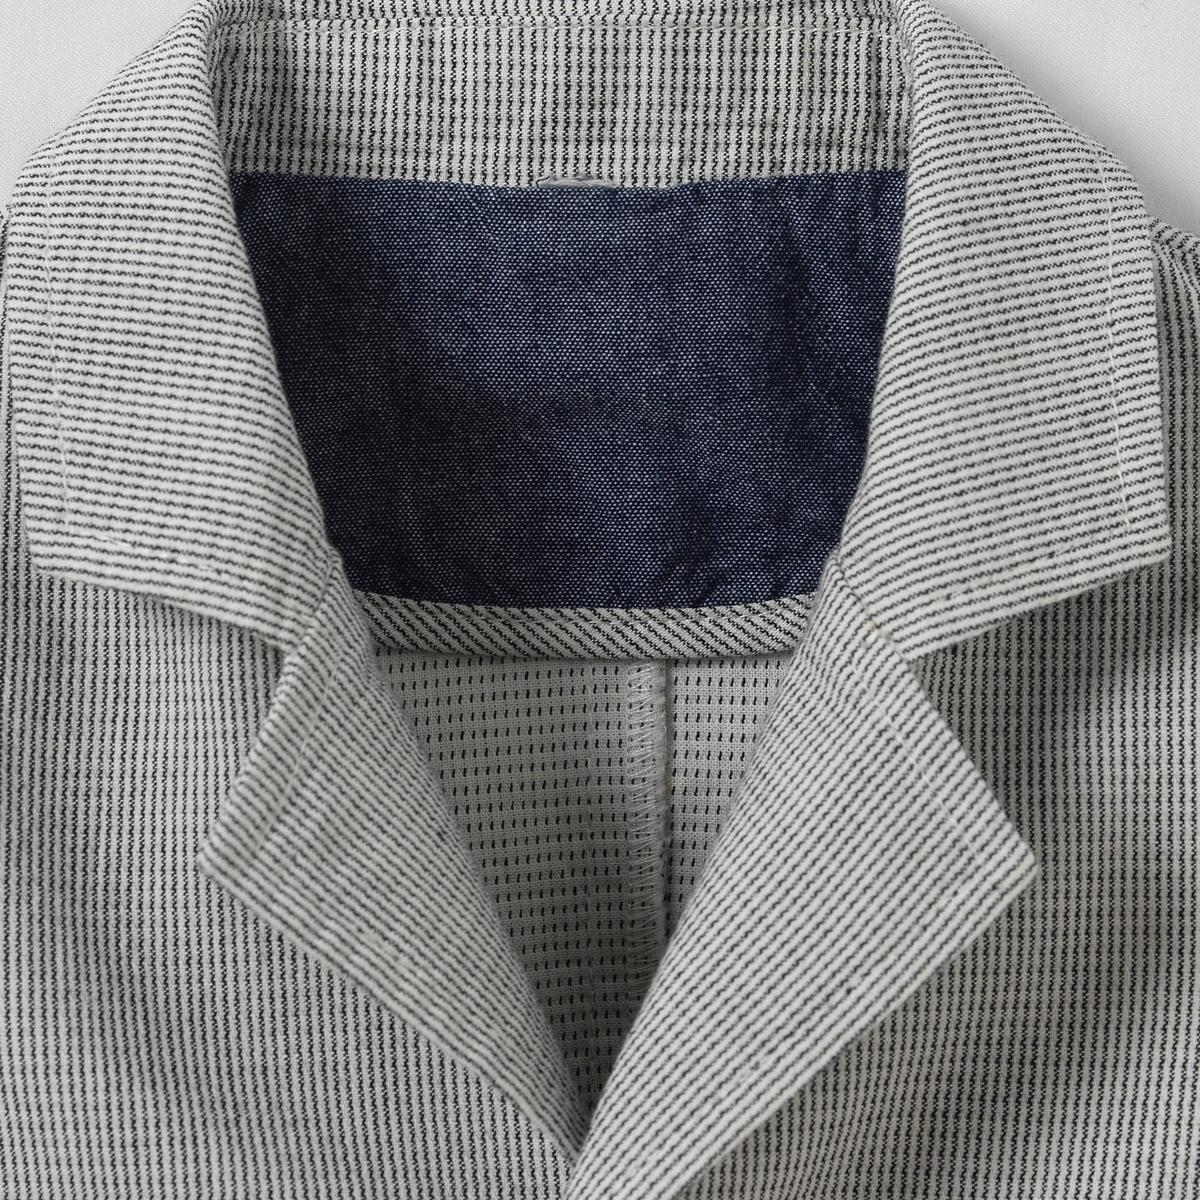 Куртка в полоску, 1 мес. - 3 годаКуртка в полоску. Застежка на 3 пуговицы. Карманы с отворотами.Состав и описаниеМатериал      100% хлопокМарка      R mini                 УходМашинная стирка при 30 °C с вещами схожих цветовСтирать и гладить с изнаночной стороныМашинная сушка запрещенаГладить при умеренной температуре<br><br>Цвет: в полоску<br>Размер: 1 мес. - 54 см.3 мес. - 60 см.6 мес. - 67 см